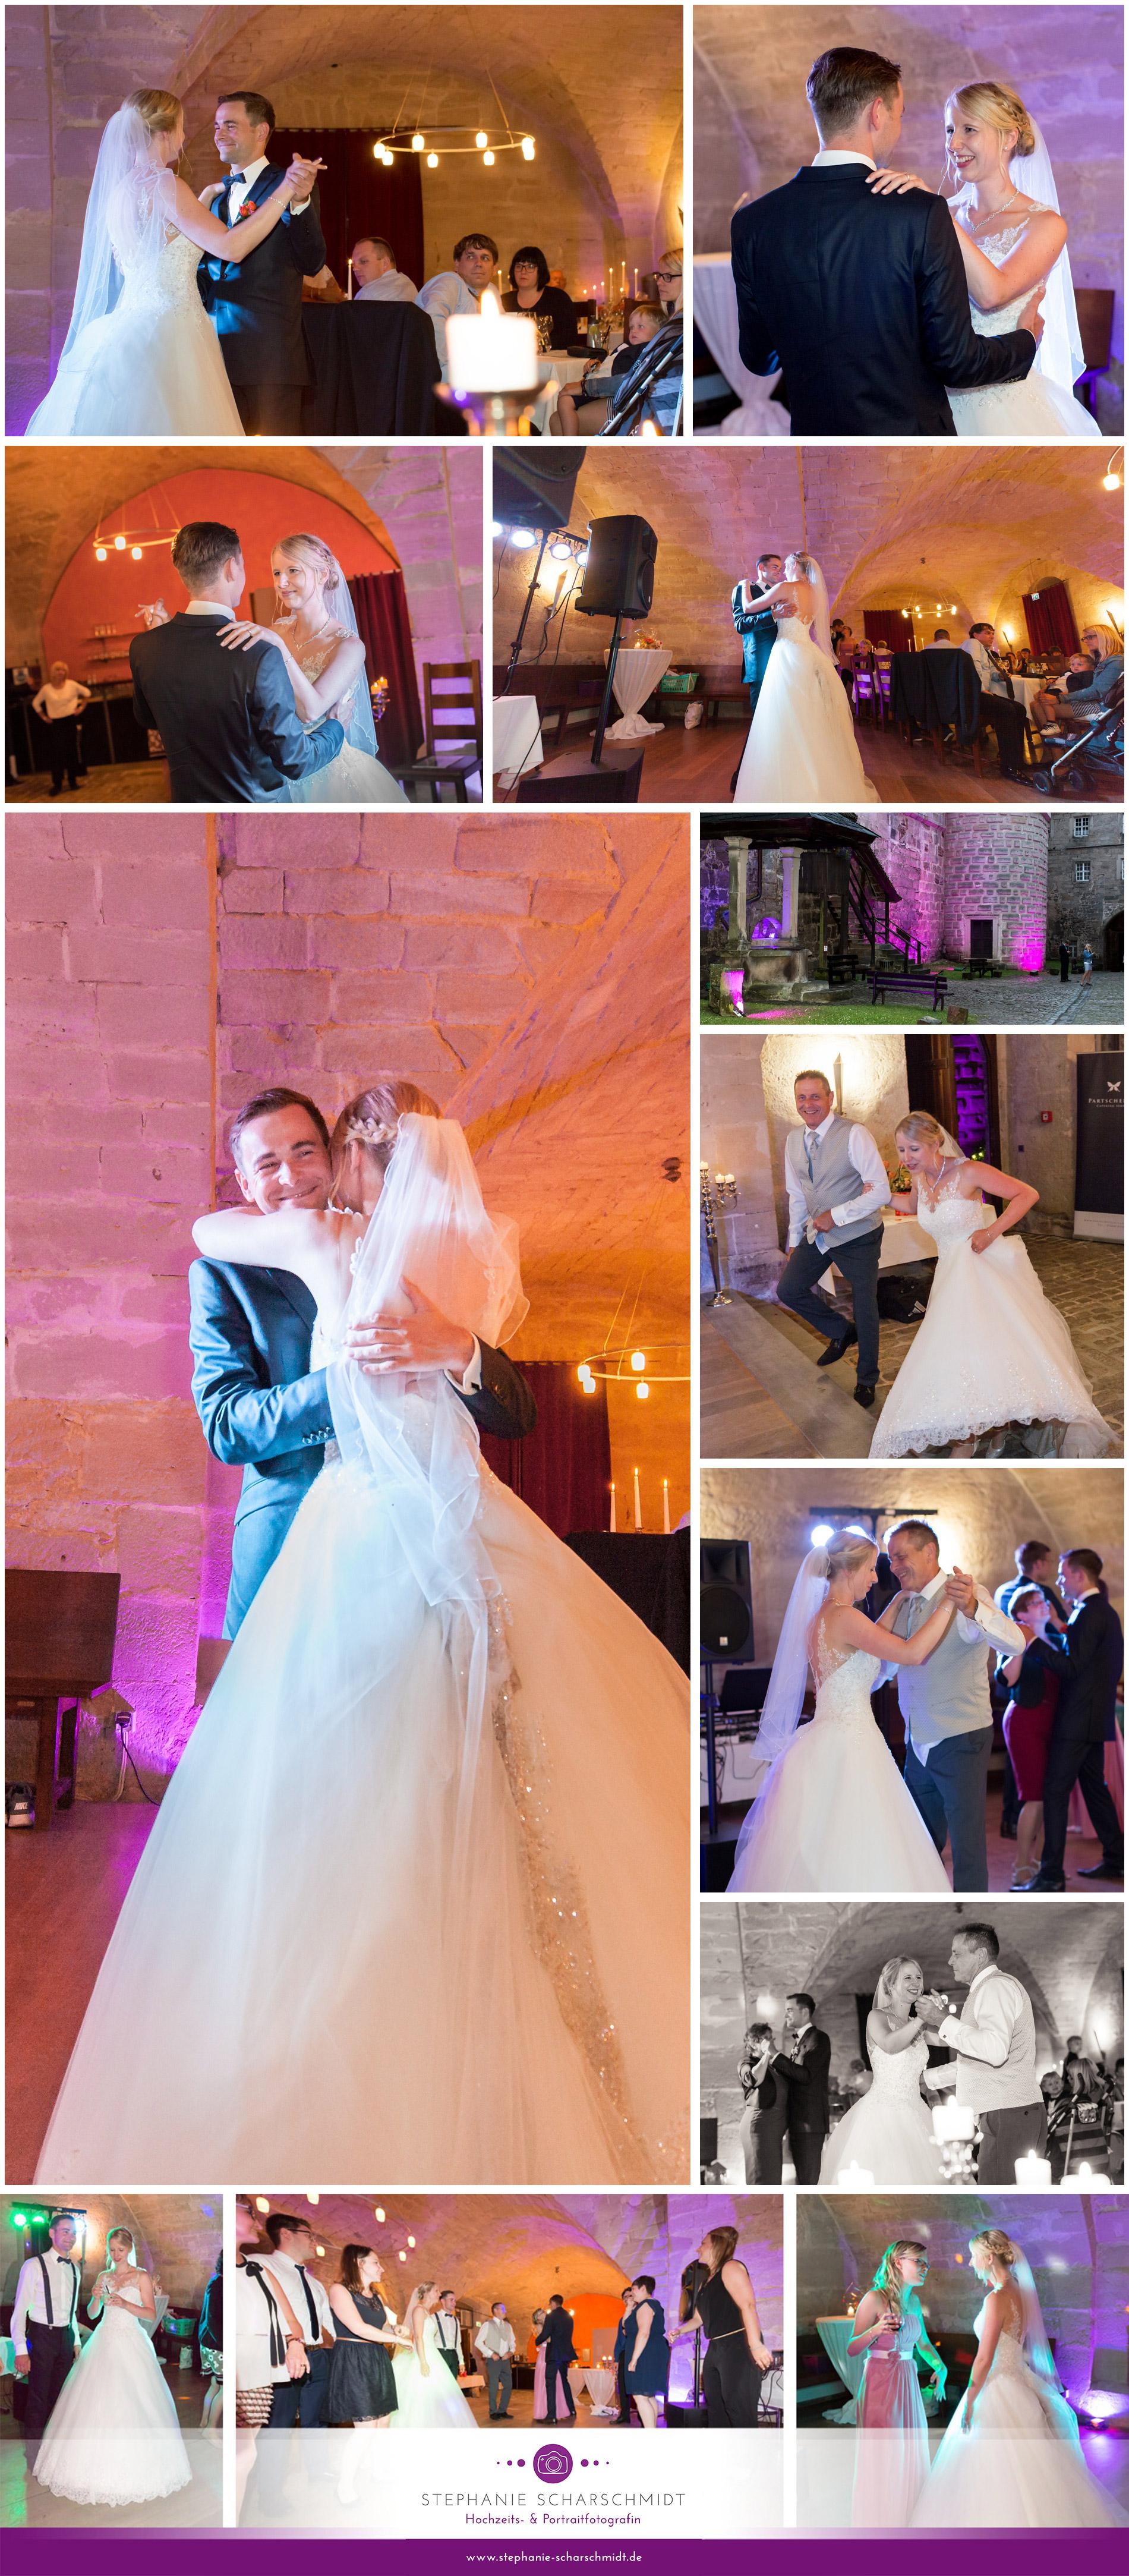 17.Hochzeit Festung Rosenberg Kronach - Hochzeitsfotograf Bayern Stephanie Scharschmidt